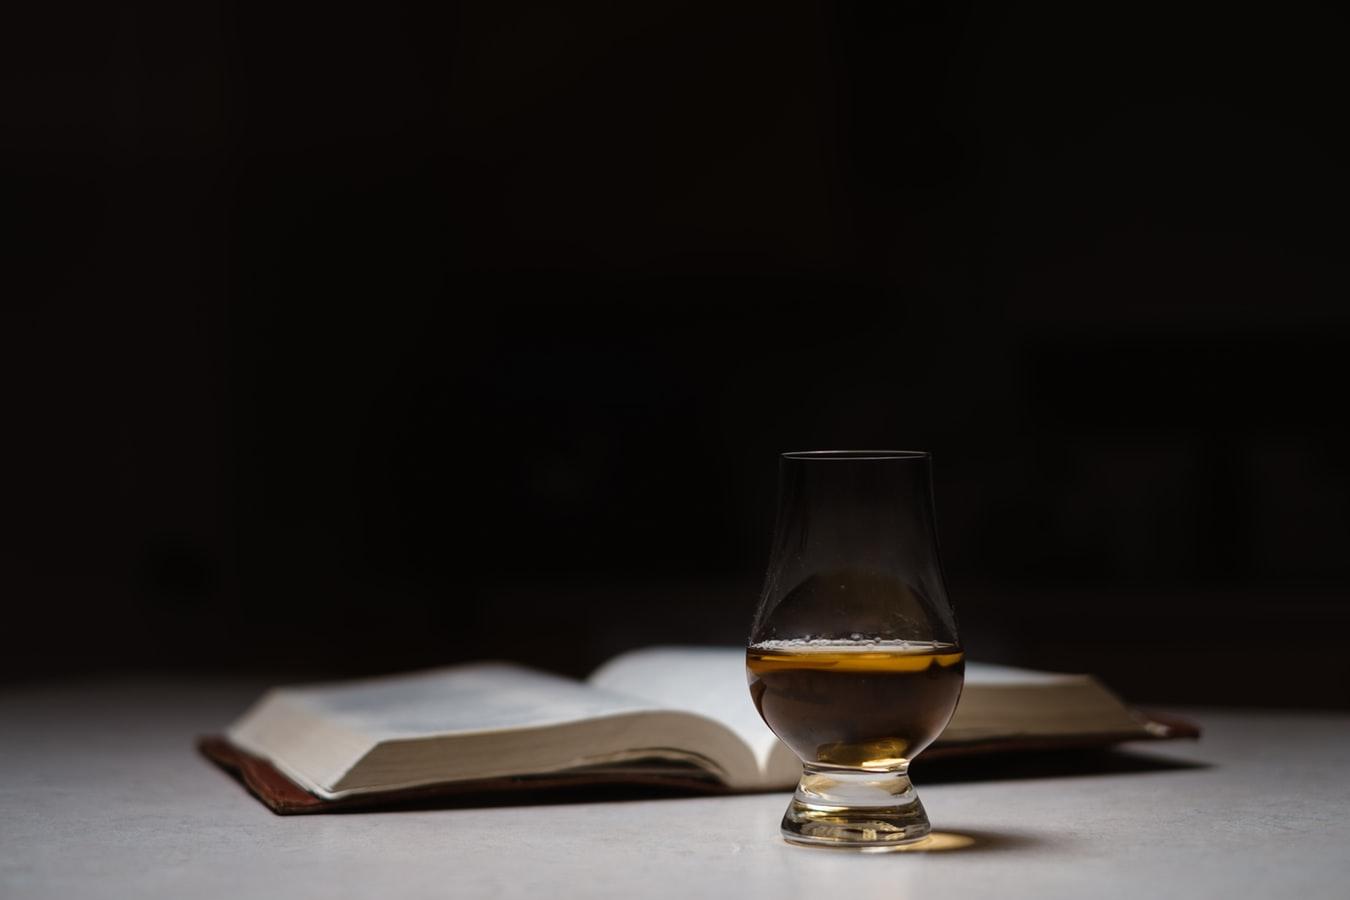 whisky+1.jpeg